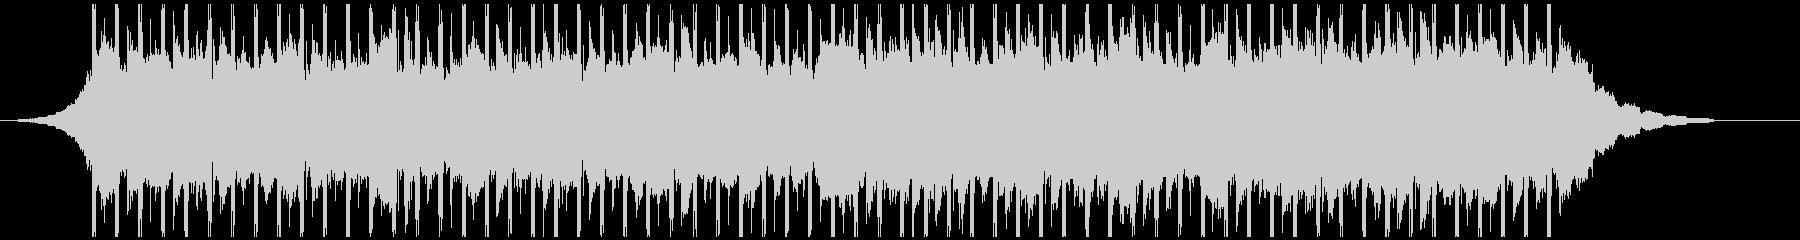 チュートリアル(40秒)の未再生の波形